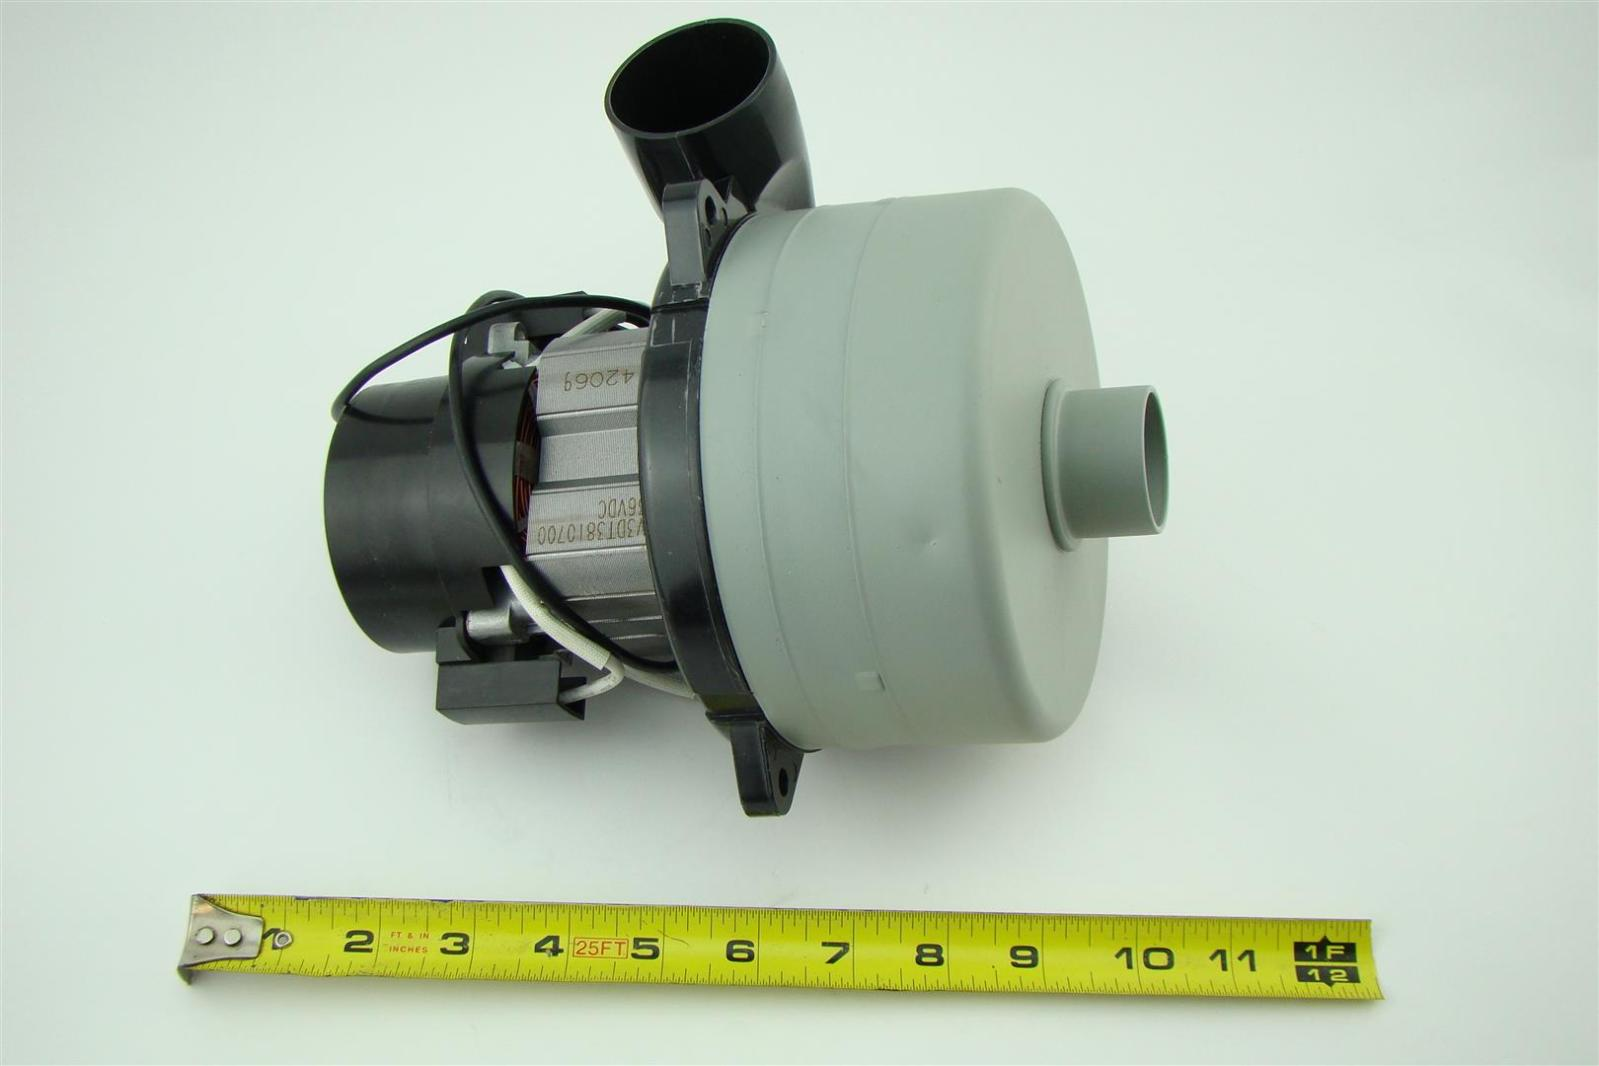 Ametek lamb vacuum blower motor 36vdc v3dt3810700 joseph fazzio incorporated Ametek lamb motor